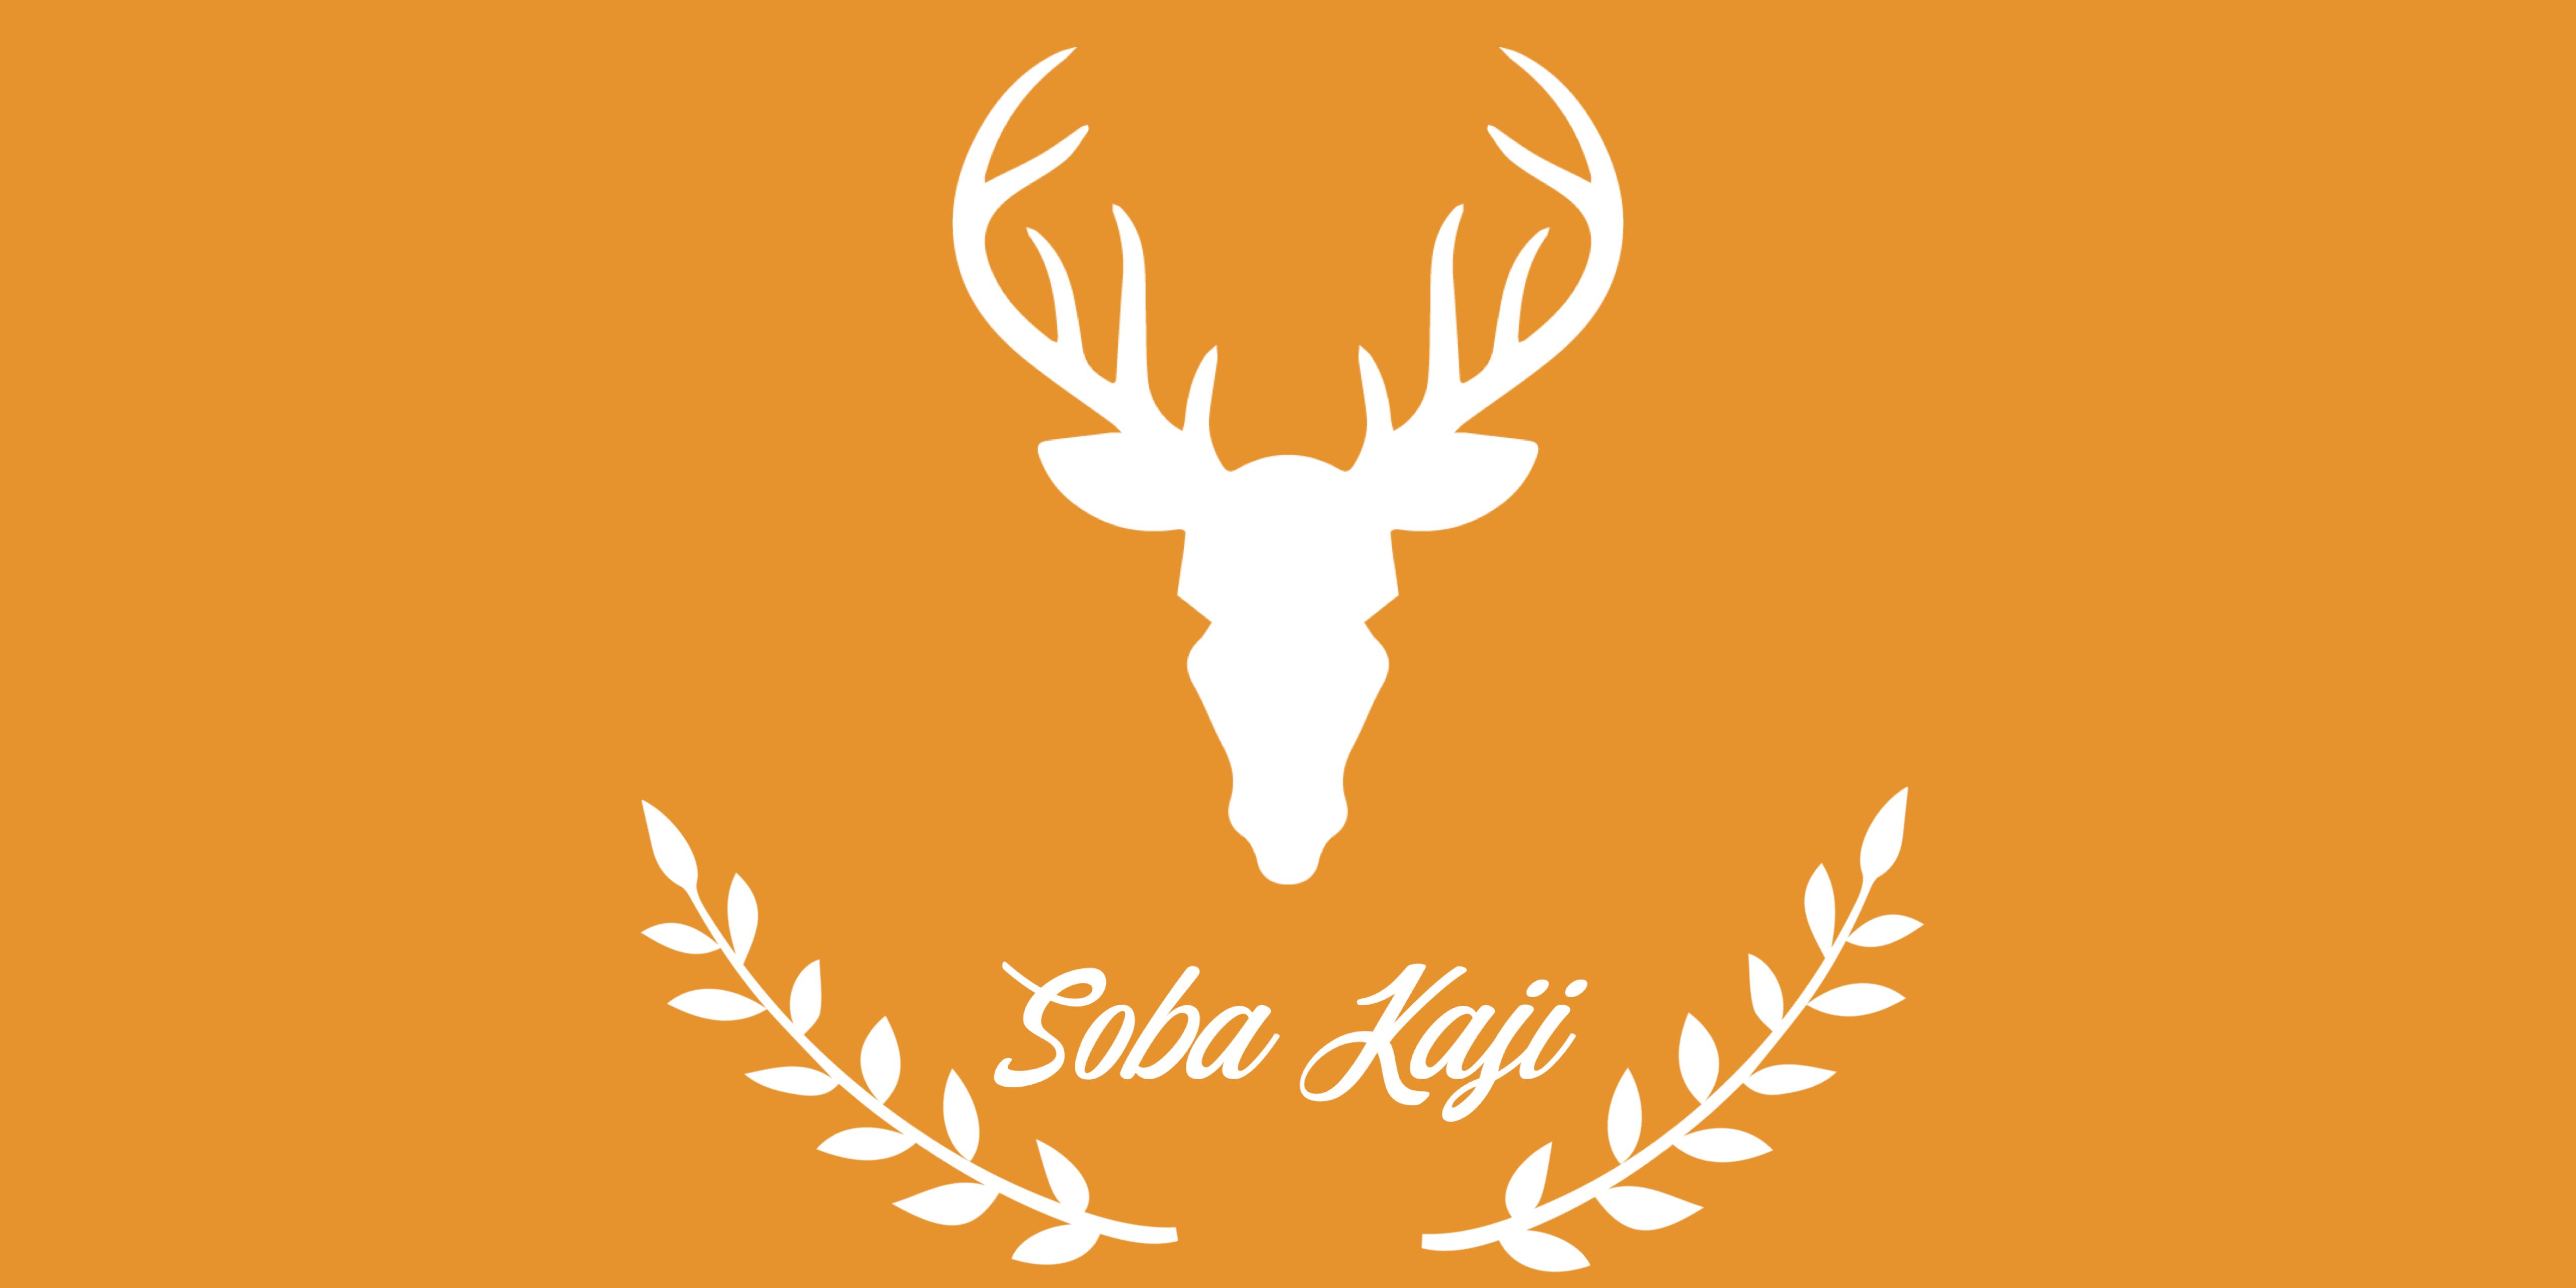 Soba Kaji